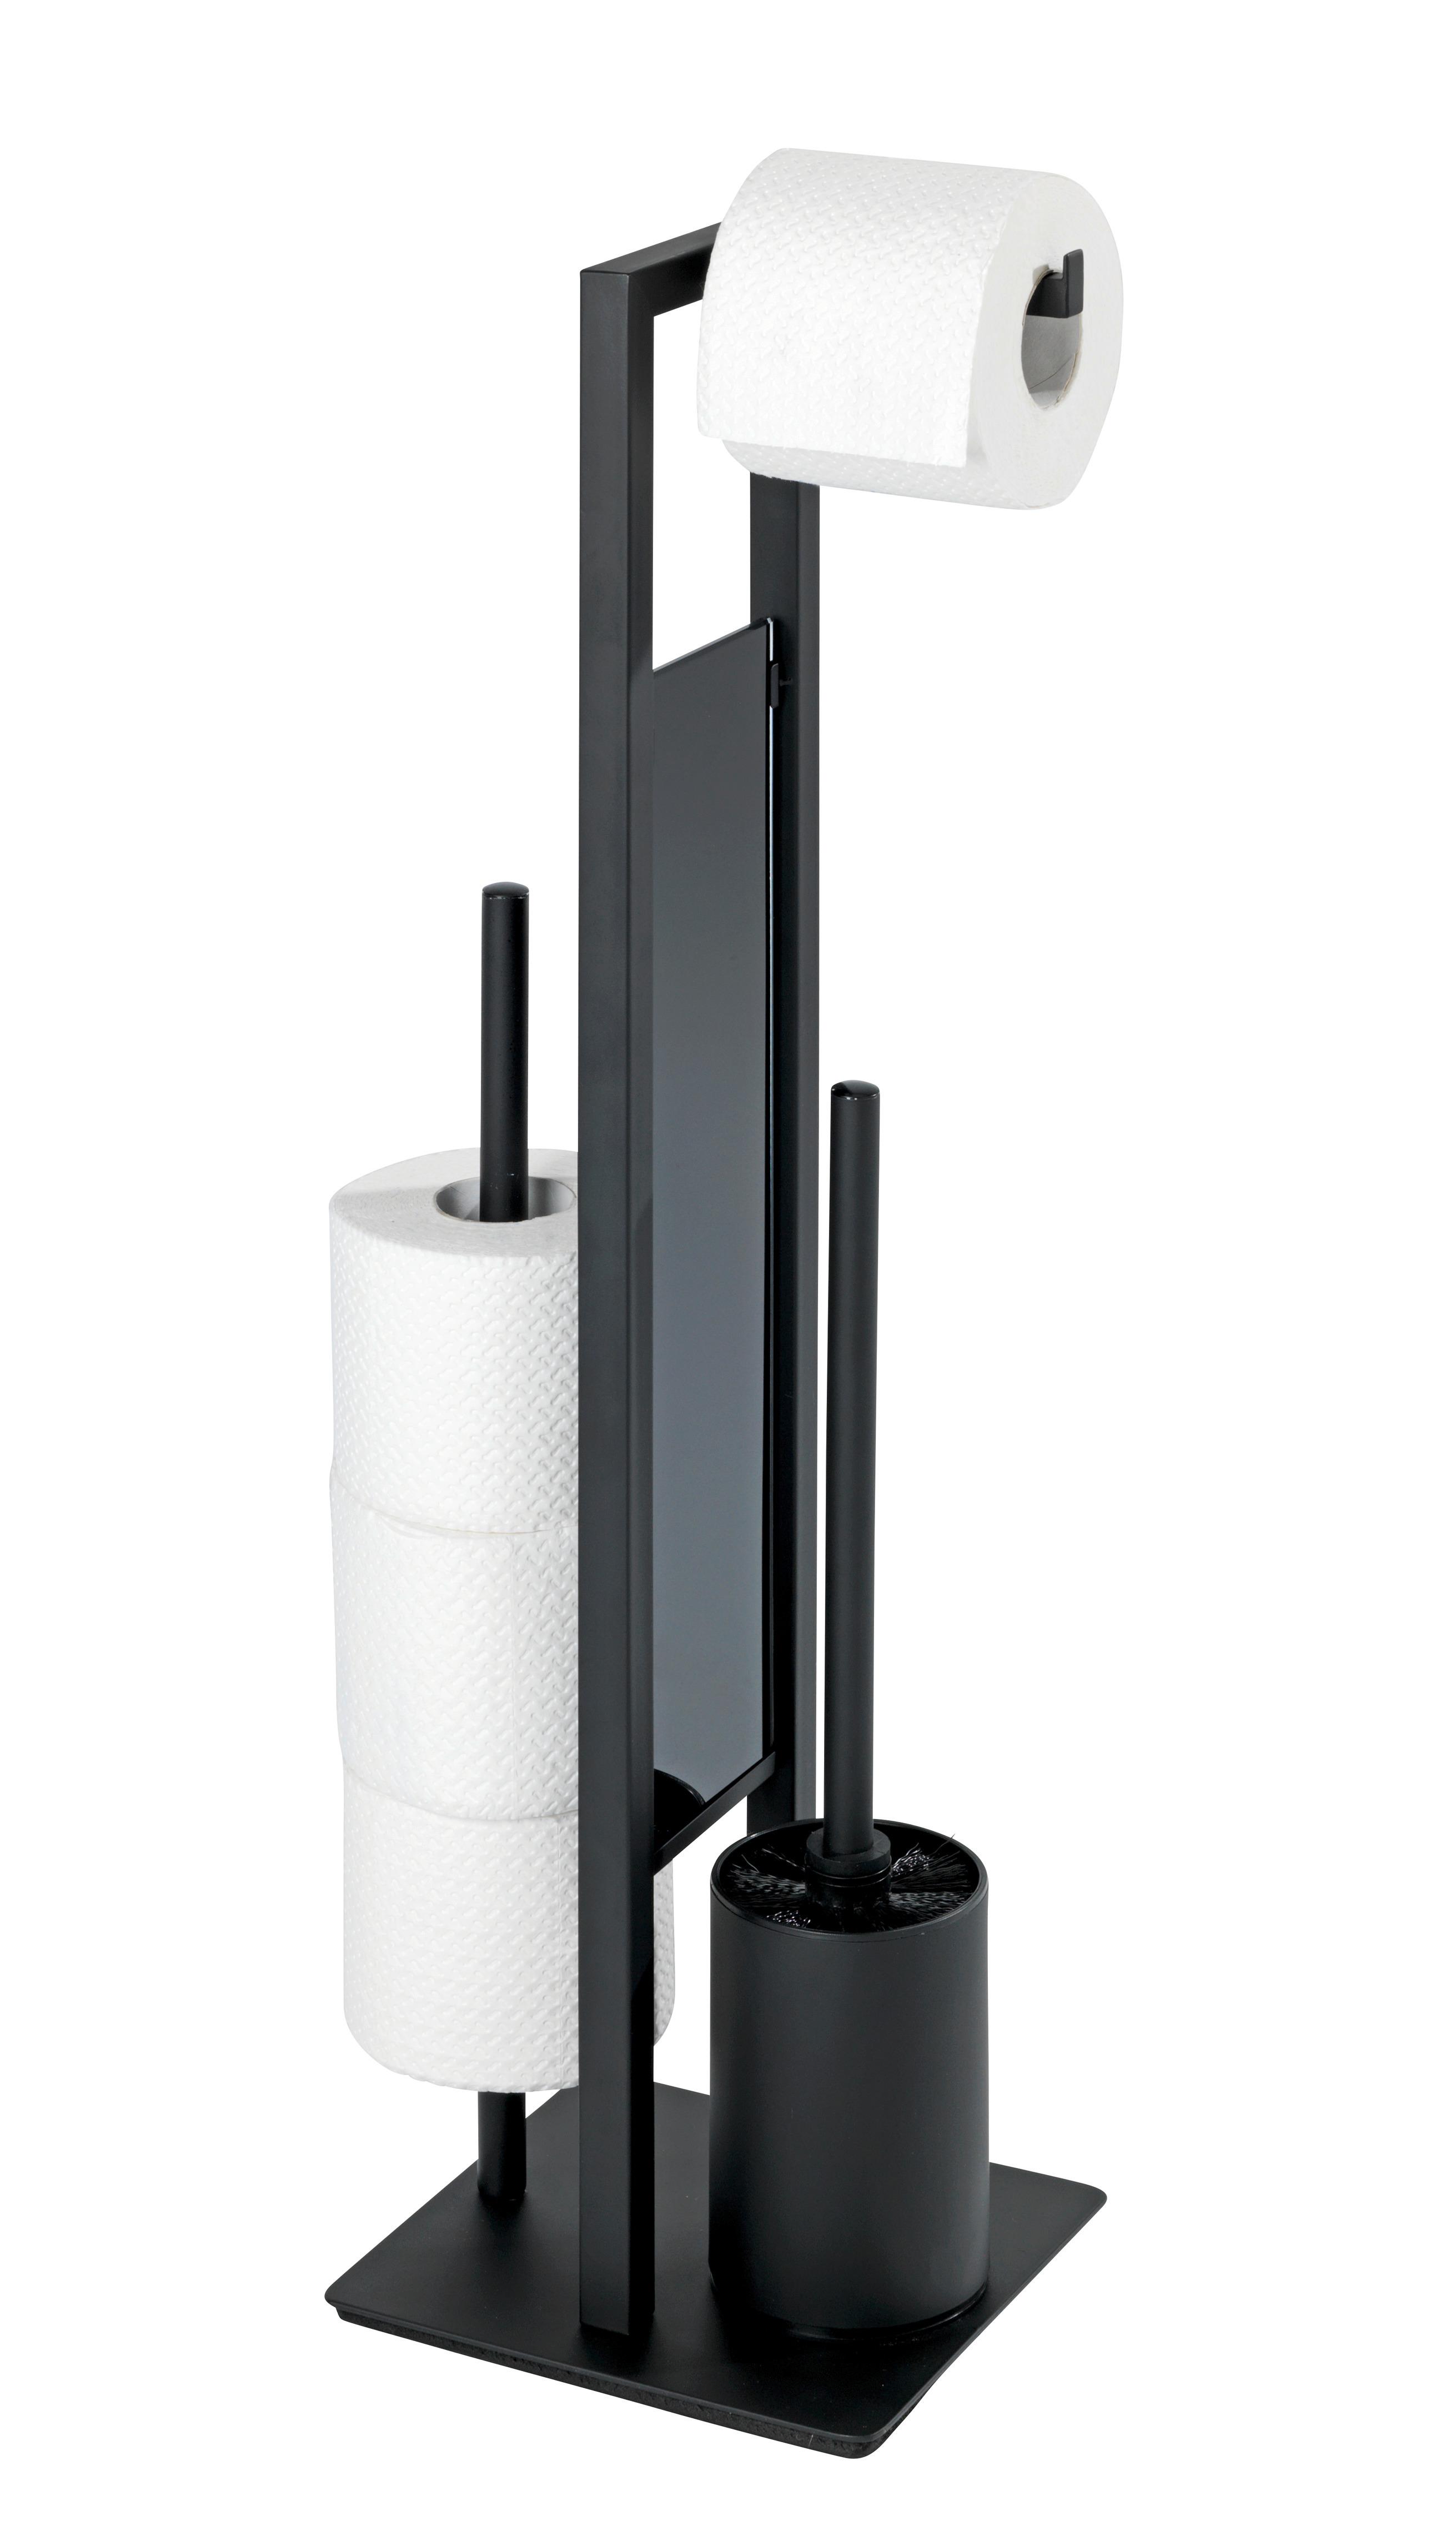 Color Blanco Portaescobillas para el WC Wenko Juego de Pie para el WC Rivalta 18 x 70 x 23 cm Acero